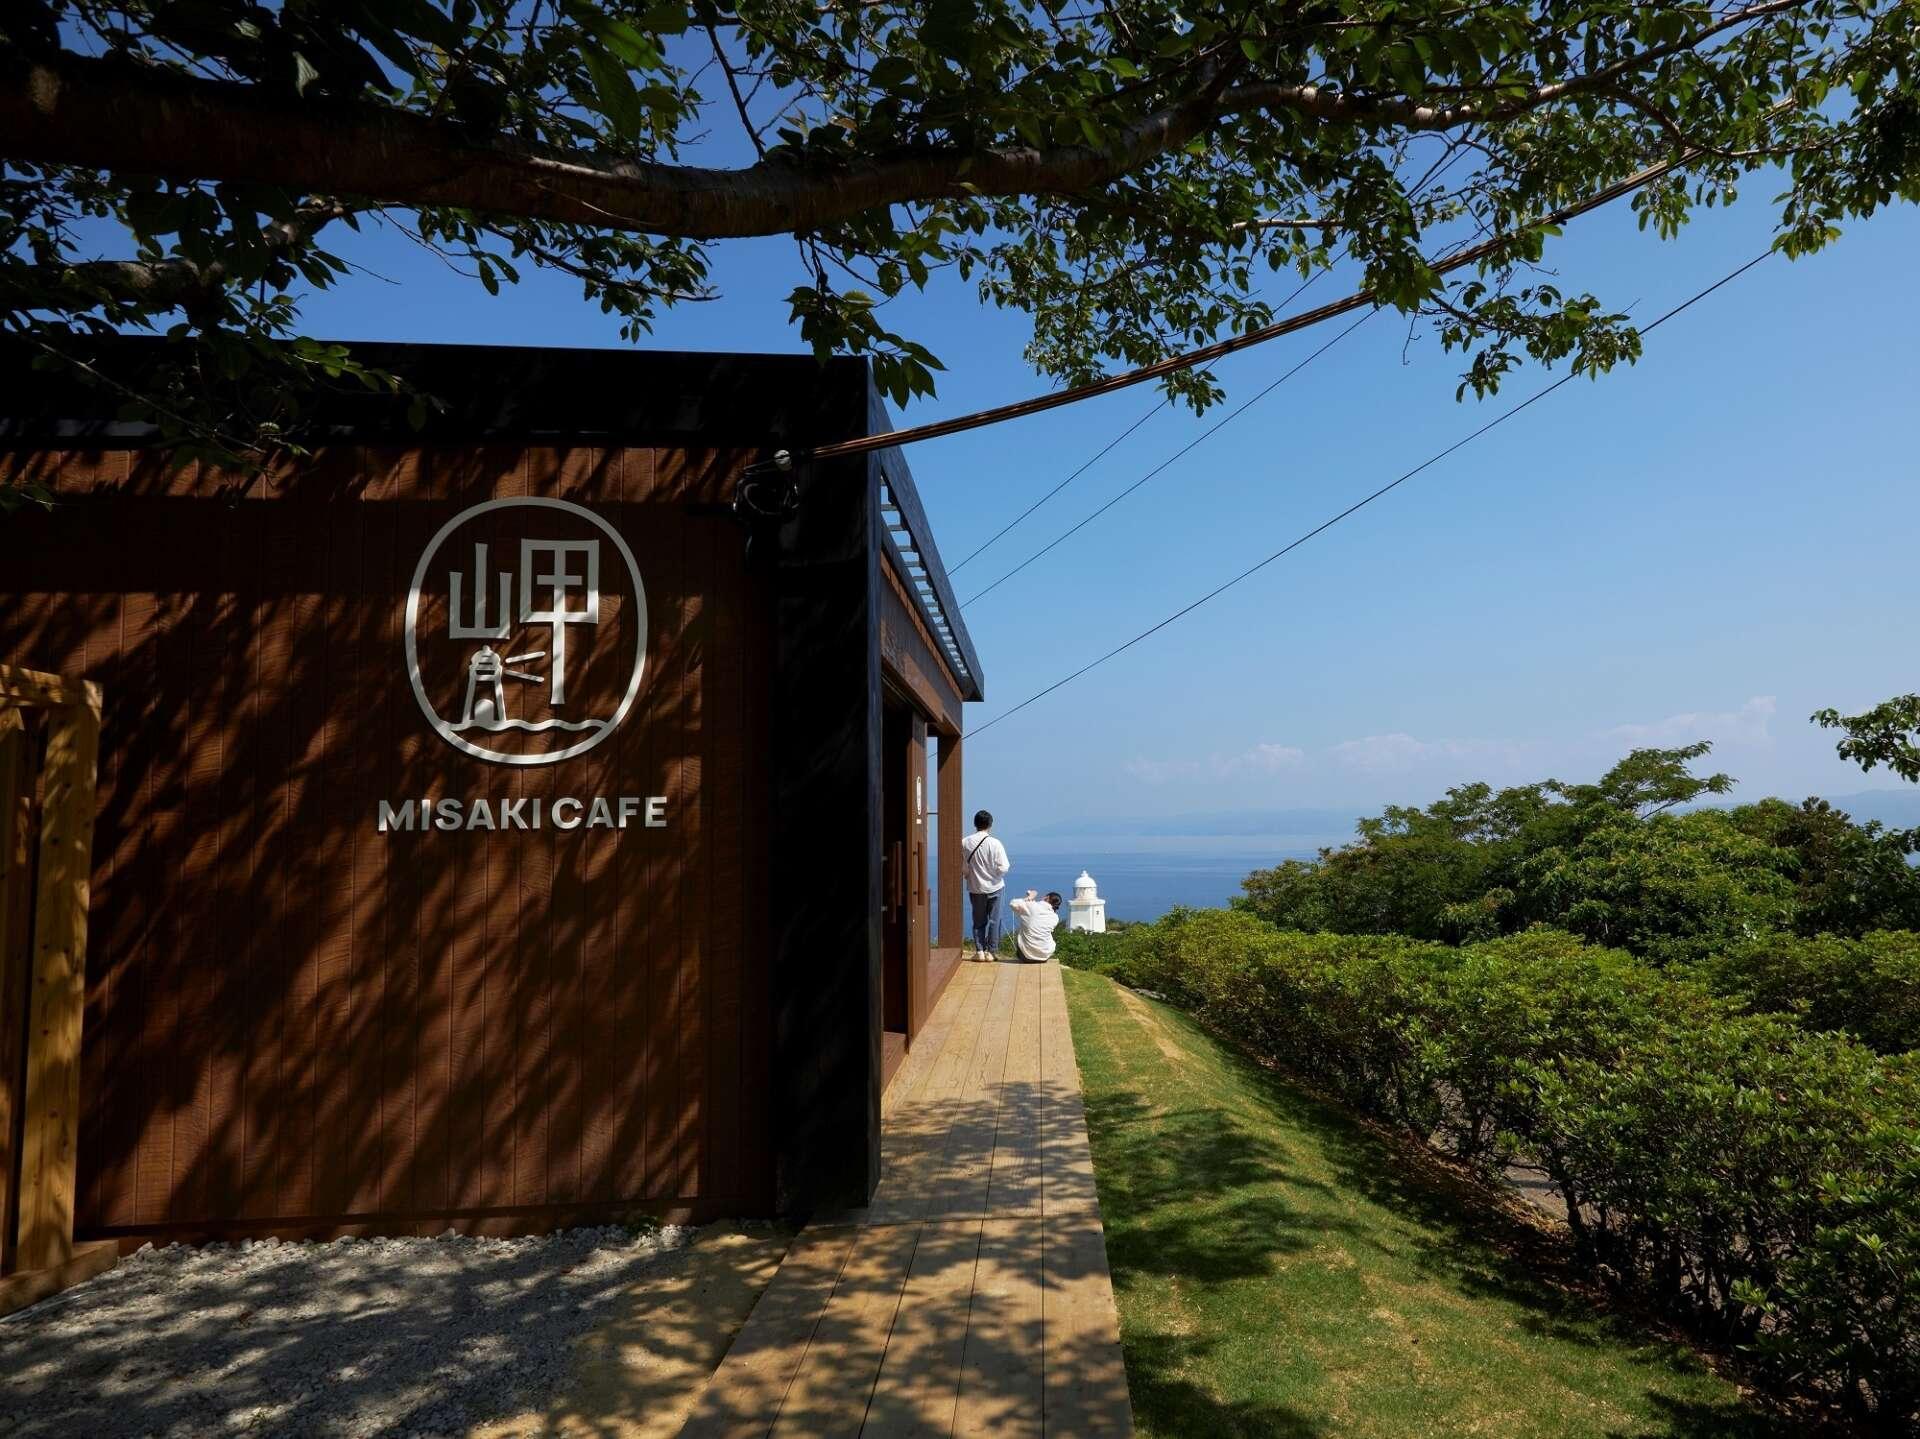 【~9/30(木)まで】伊王島灯台150周年フォトコンテスト開催中!